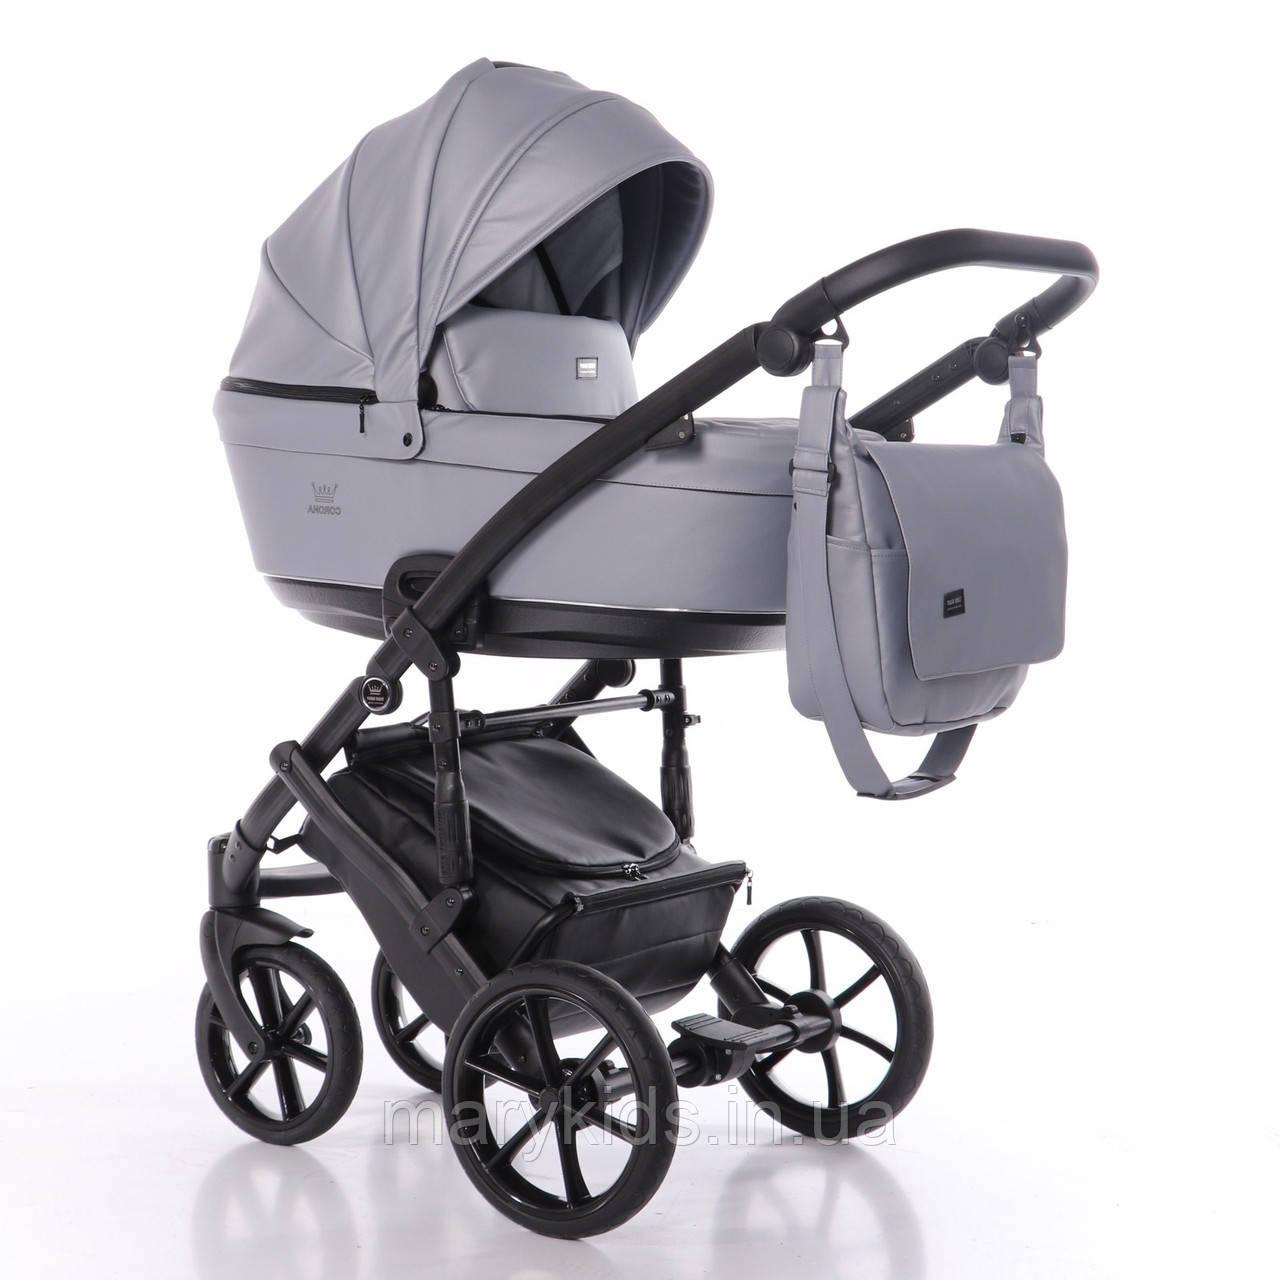 Детская универсальная коляска 2 в 1 Tako Corona Eco 04